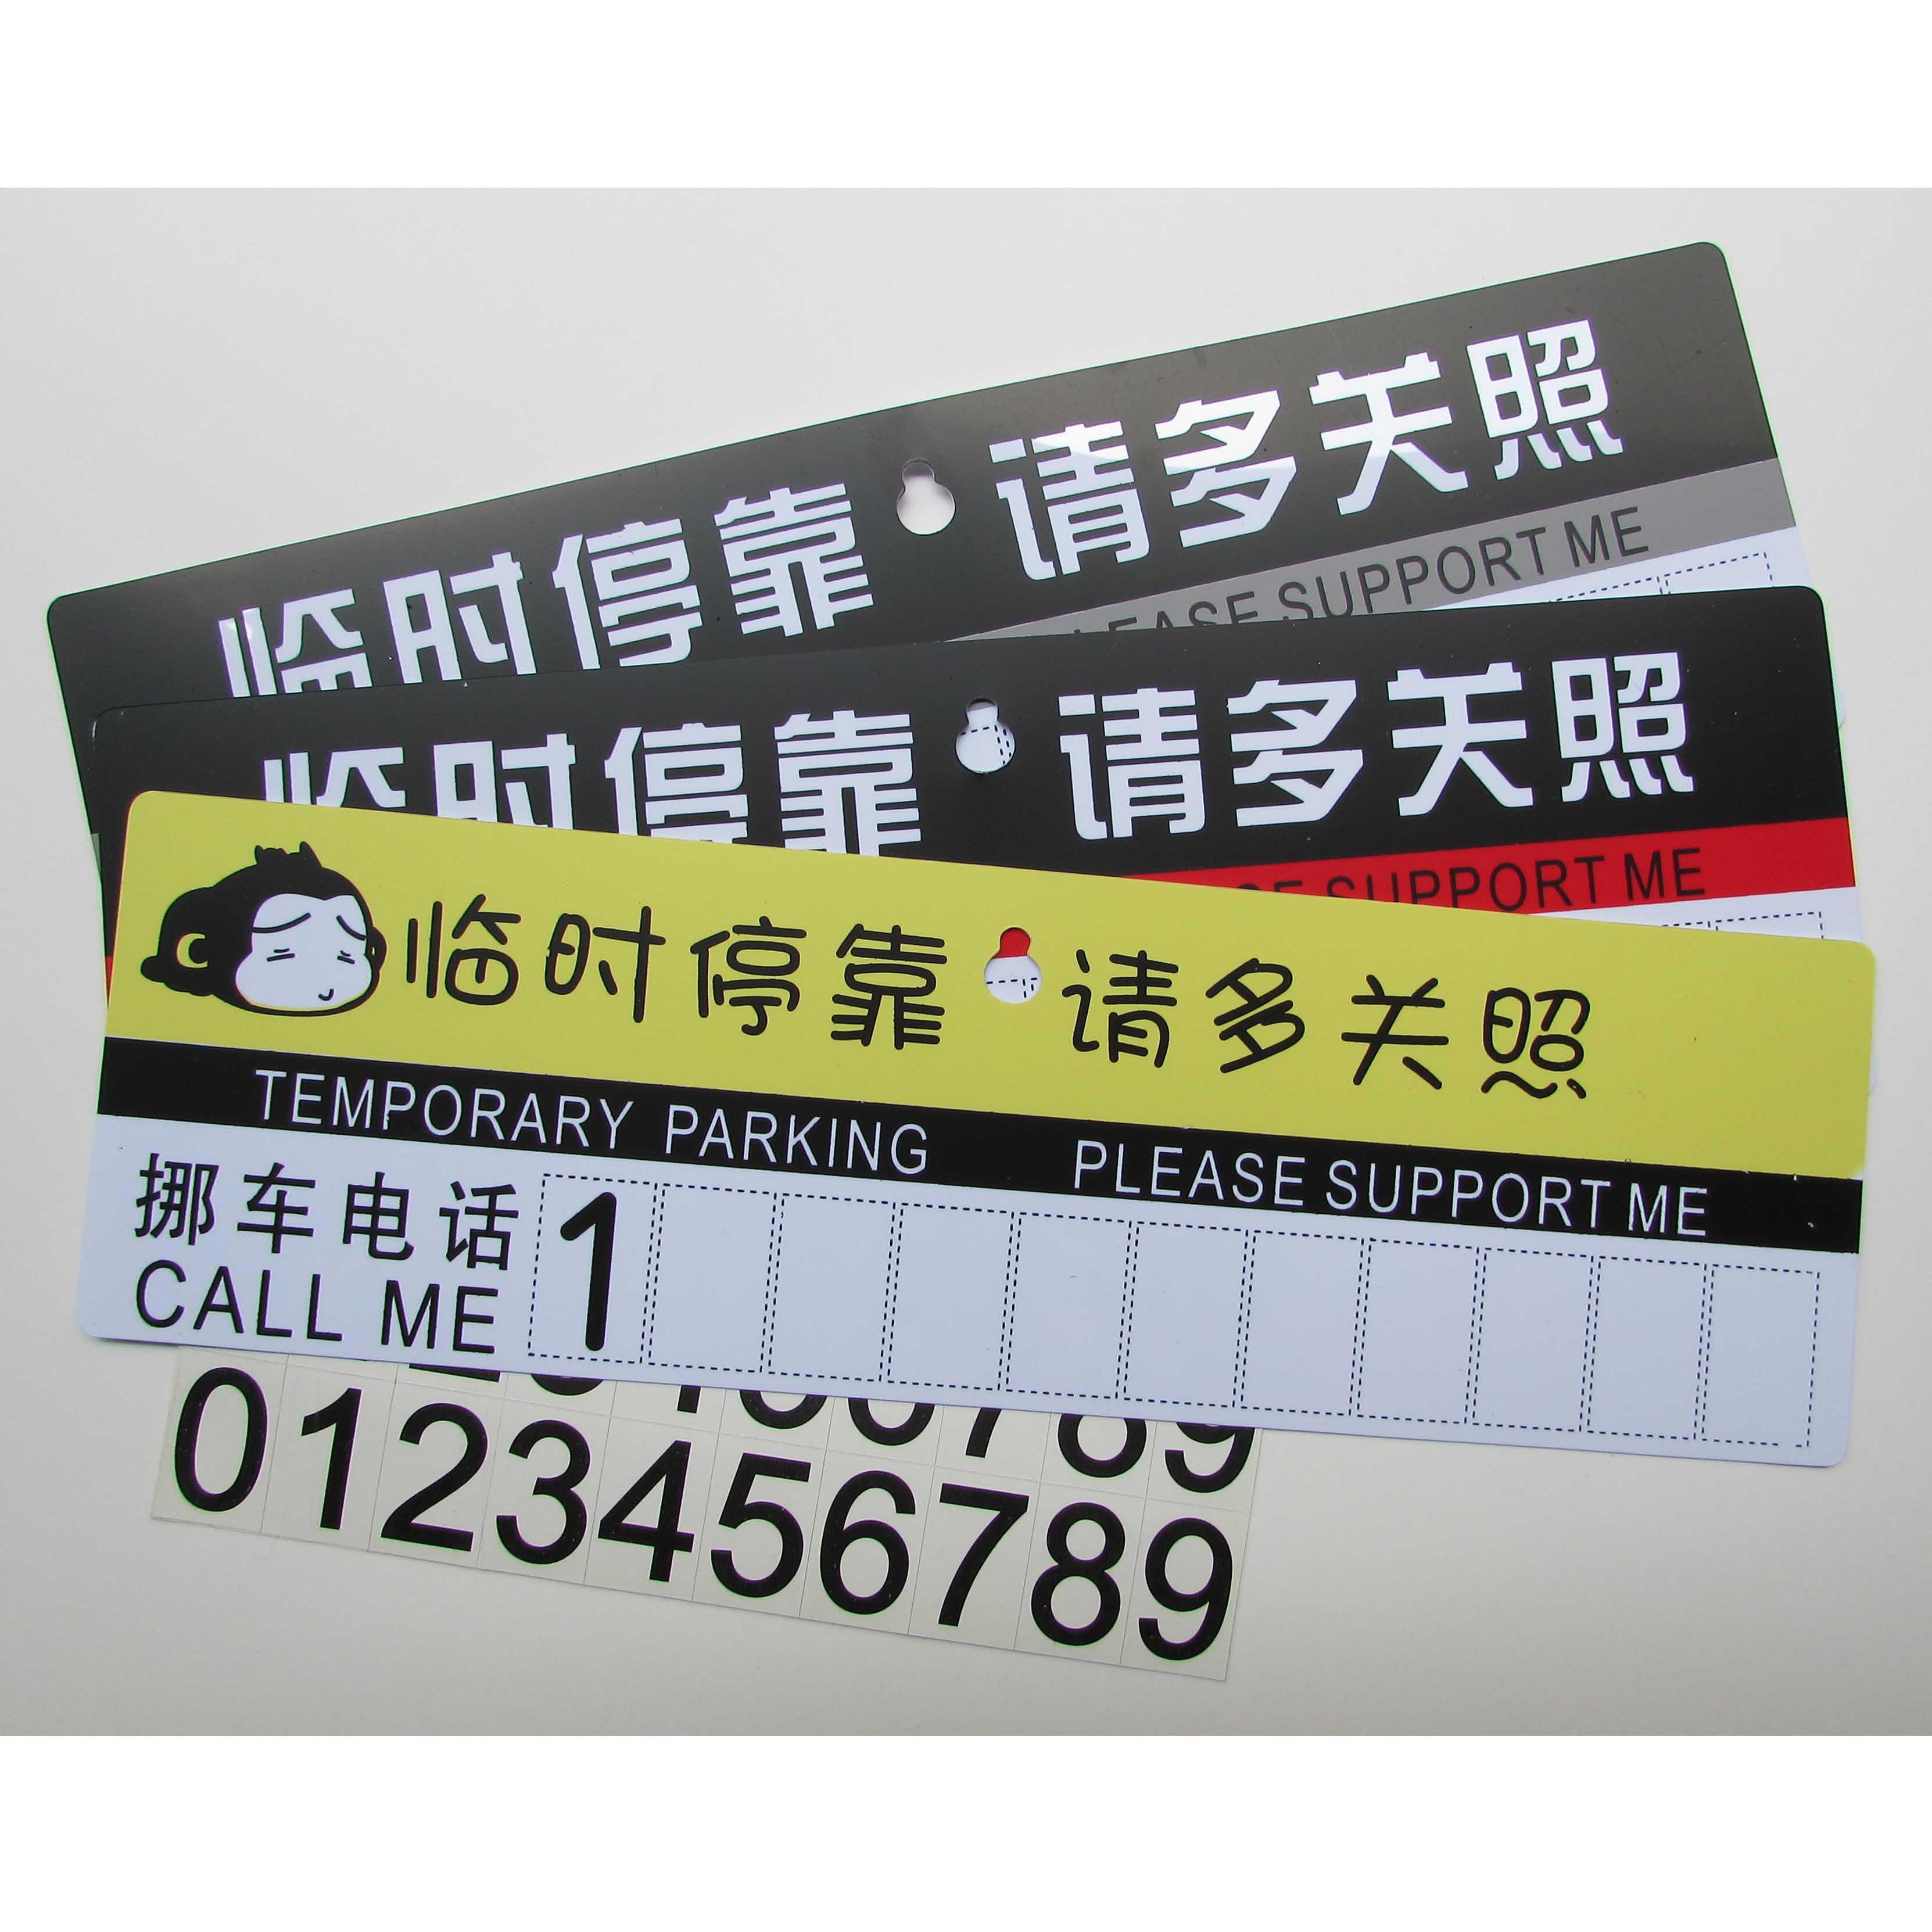 厂家供应挪车牌,挪车电话卡,移车提示牌,临时停车牌